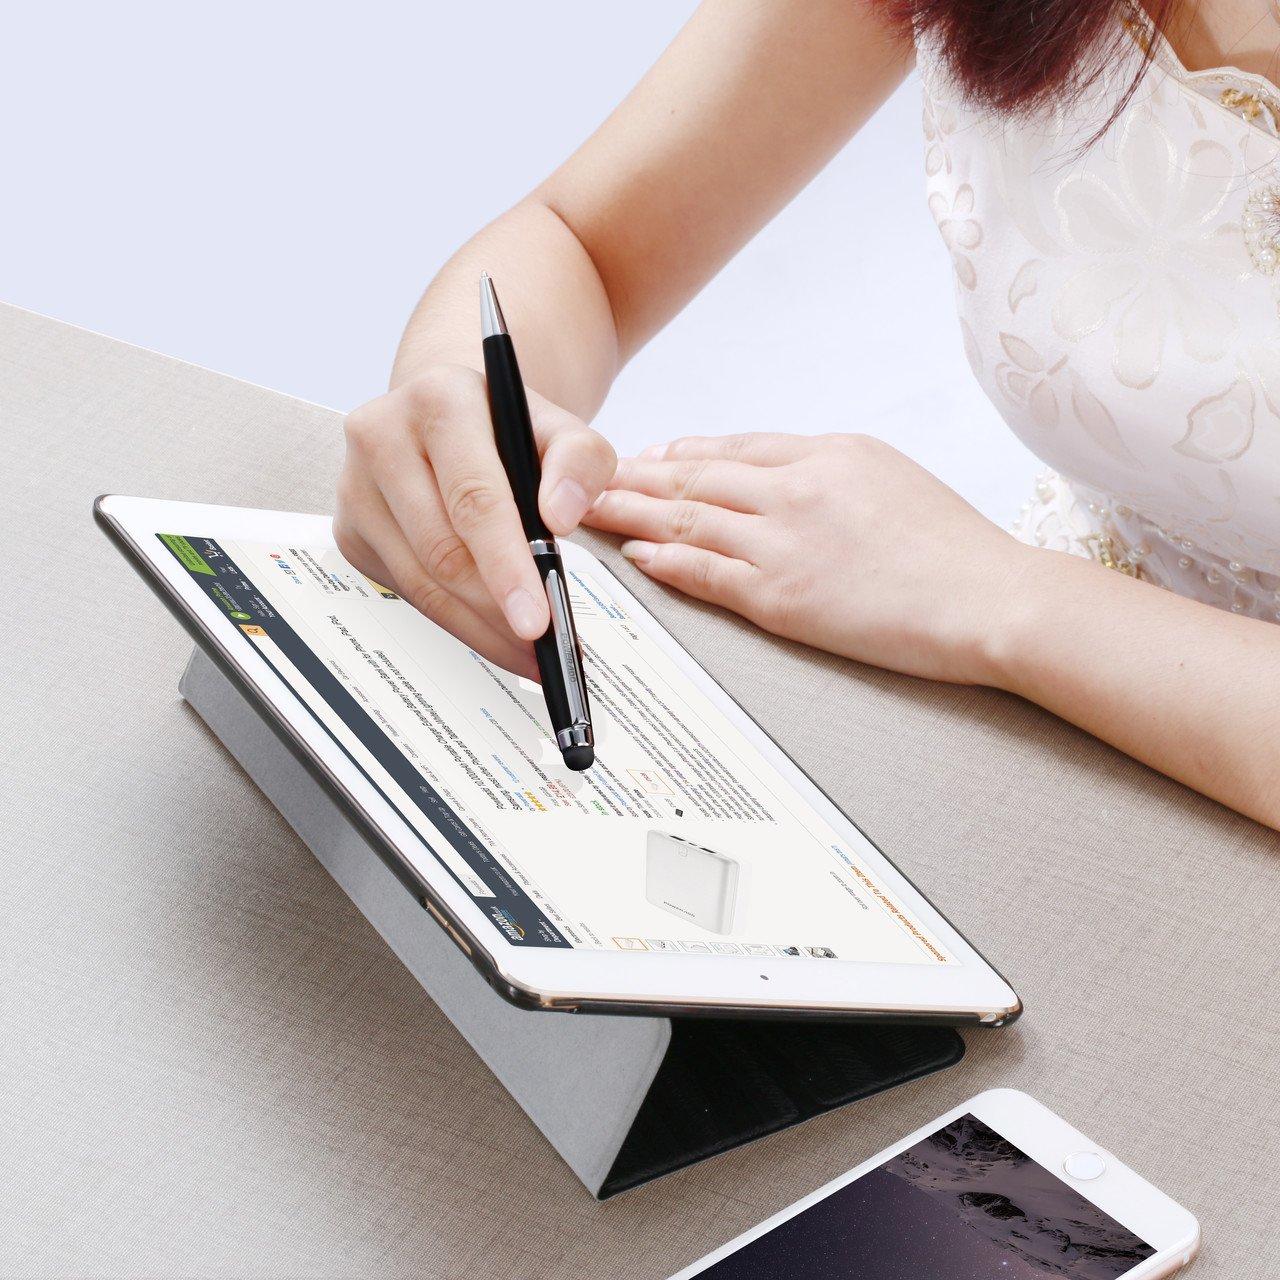 Poweradd 2 en 1 stylus stylet stylo écran tactile + stylo à bille bic haute tactilité stylus pour iphone6, iphone 7, ipad, ipad mini et pour android smartphone